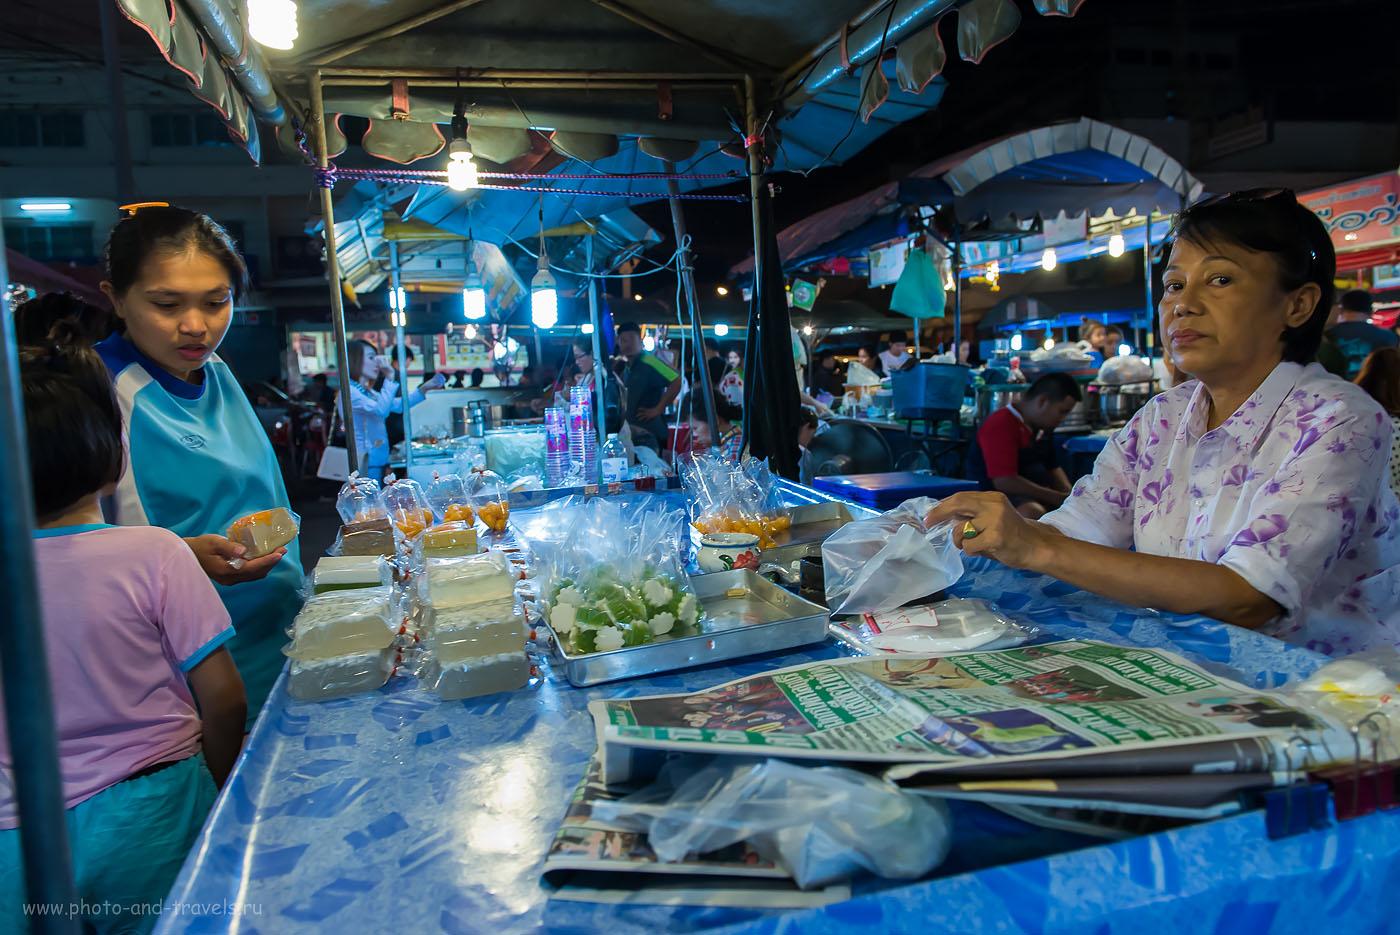 Фото 7. Заметила... Как мы ездили в Сукотаи. Отчет об отдыхе в Таиланде дикарями. 1/200